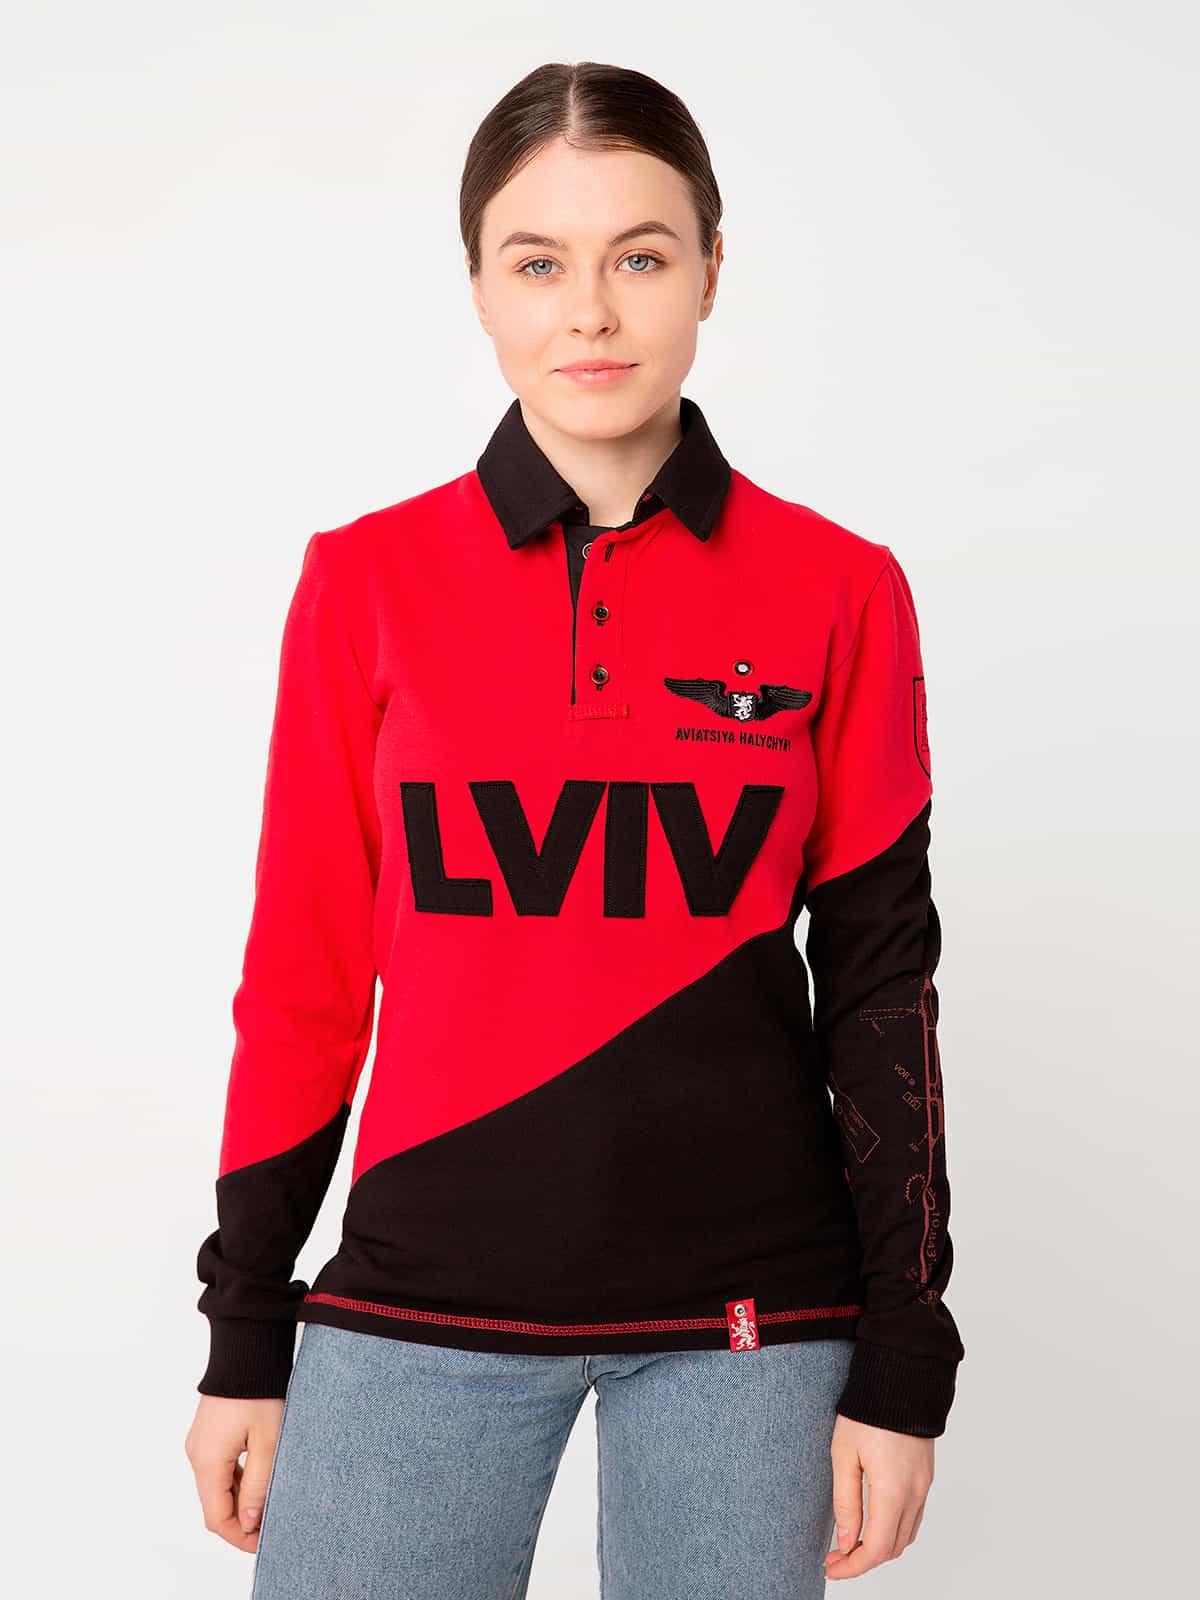 Жіноче Поло-Лонґ Lviv. Колір червоний. Поло-лонґ унісекс (розміри чоловічі).